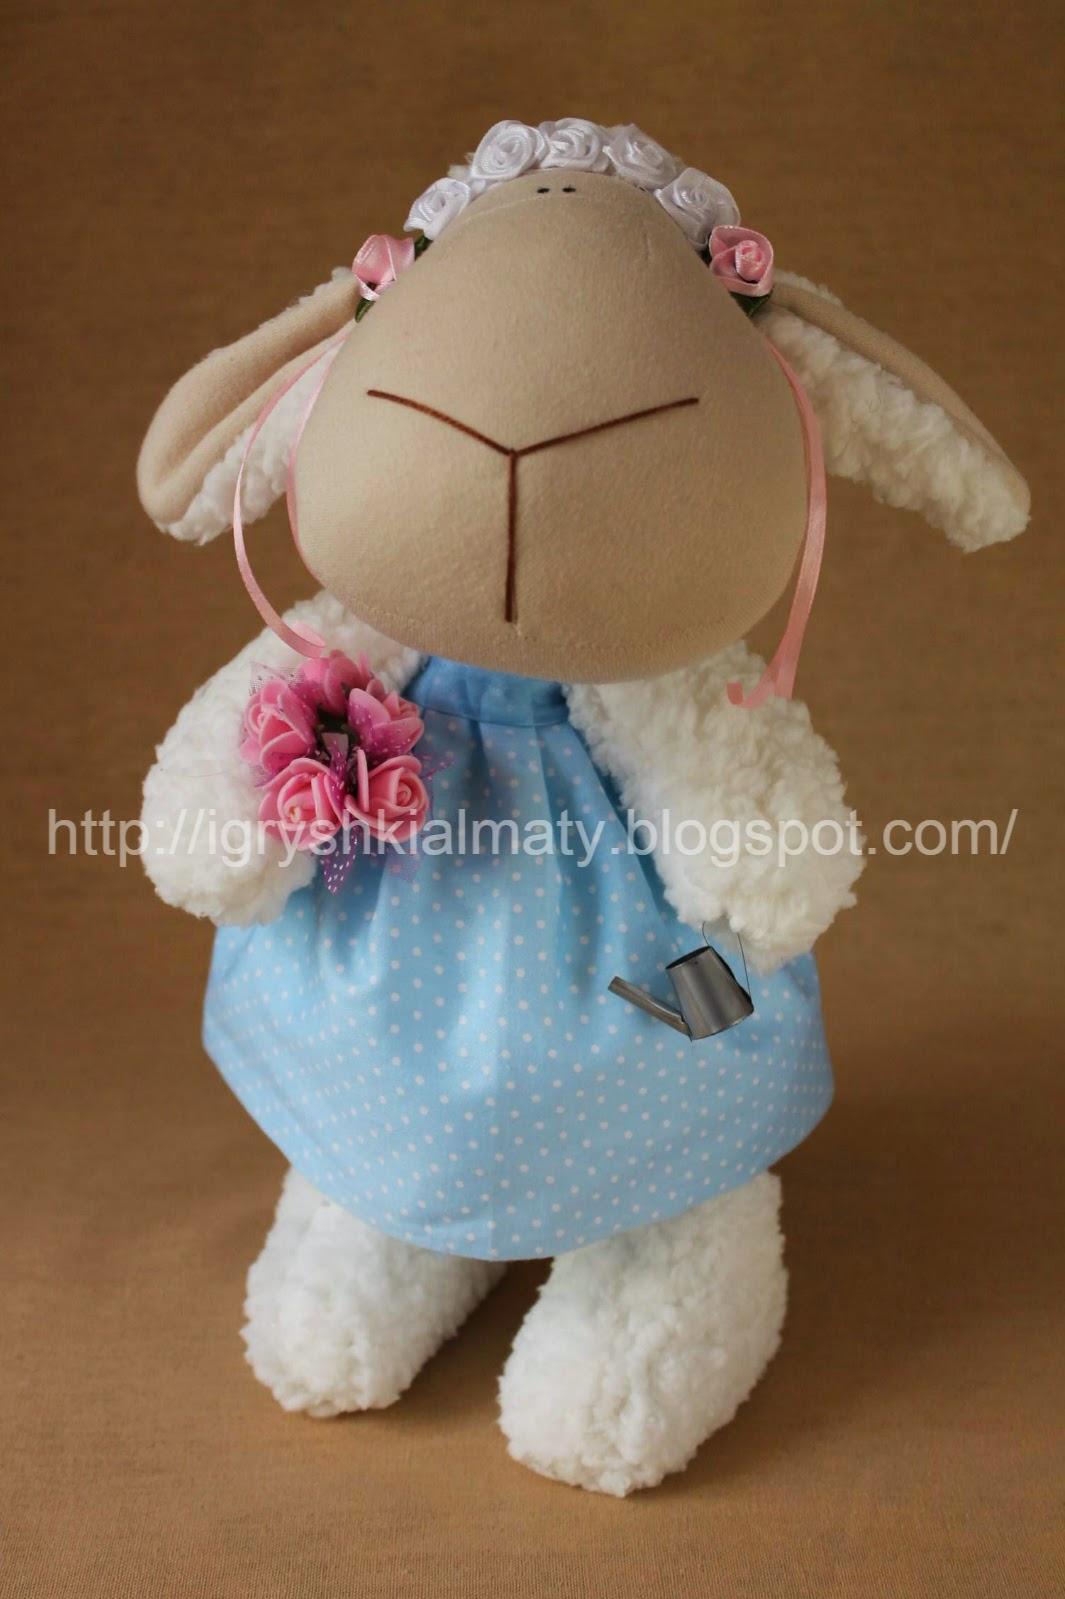 подарок, новый год, что подарить, 2015 год овцы, 2015 год козы